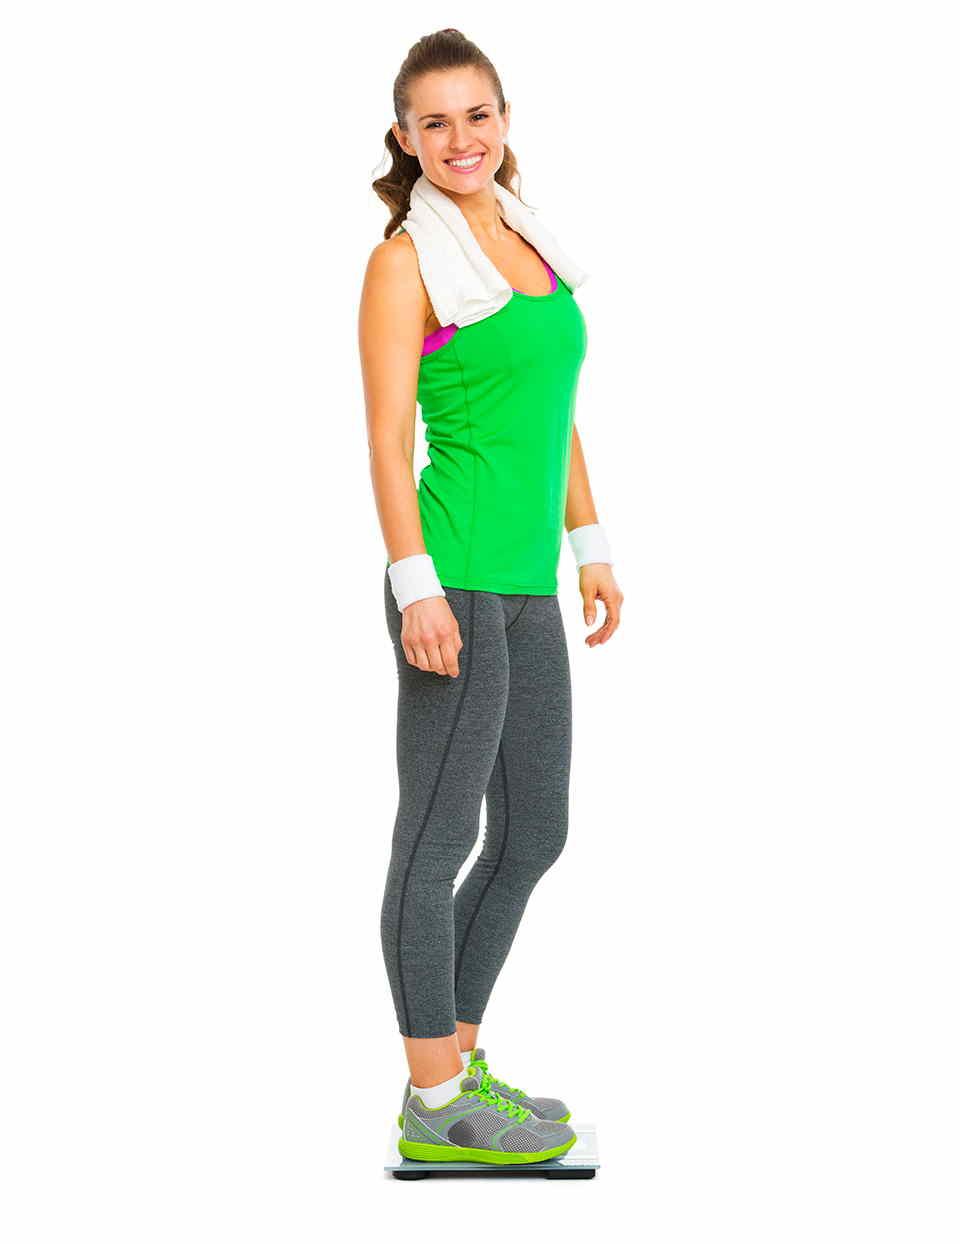 que-hacer-antes-y-despues-de-tu-rutina-de-ejercicio